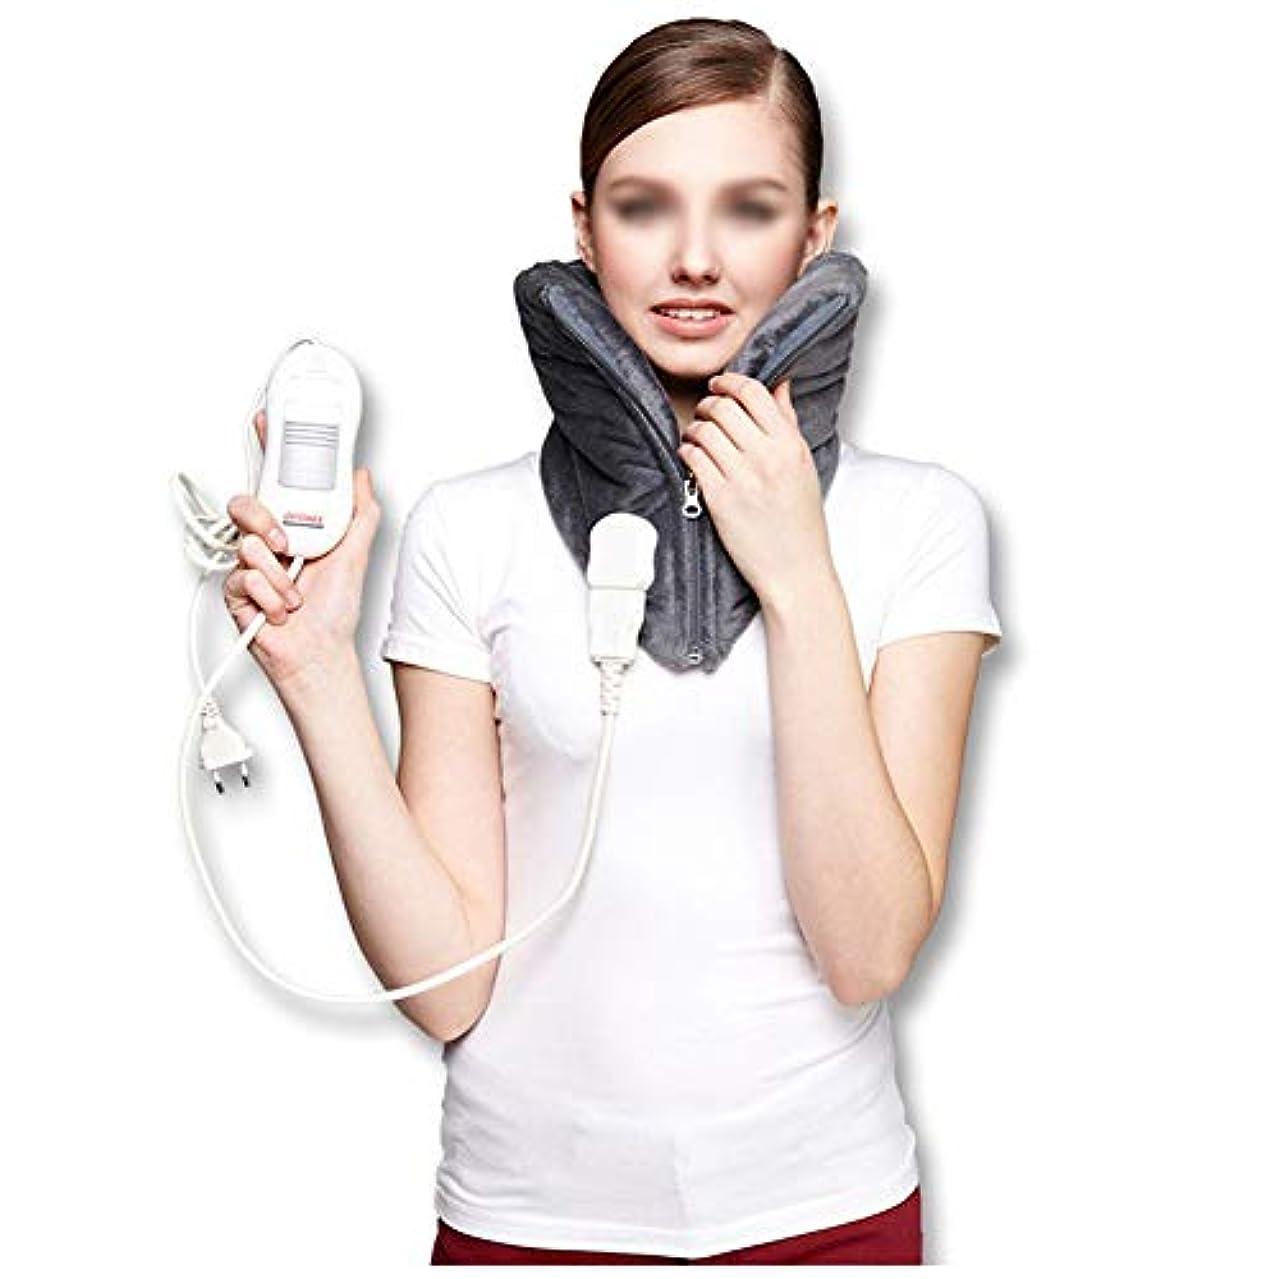 引退するを通してホーン頚部の電気ヒーターパッド - 暖かい頚椎のヒートパッド、自動電源オフ、洗える、3速度一定温度、高齢者の痛みを軽減するマッサージャー